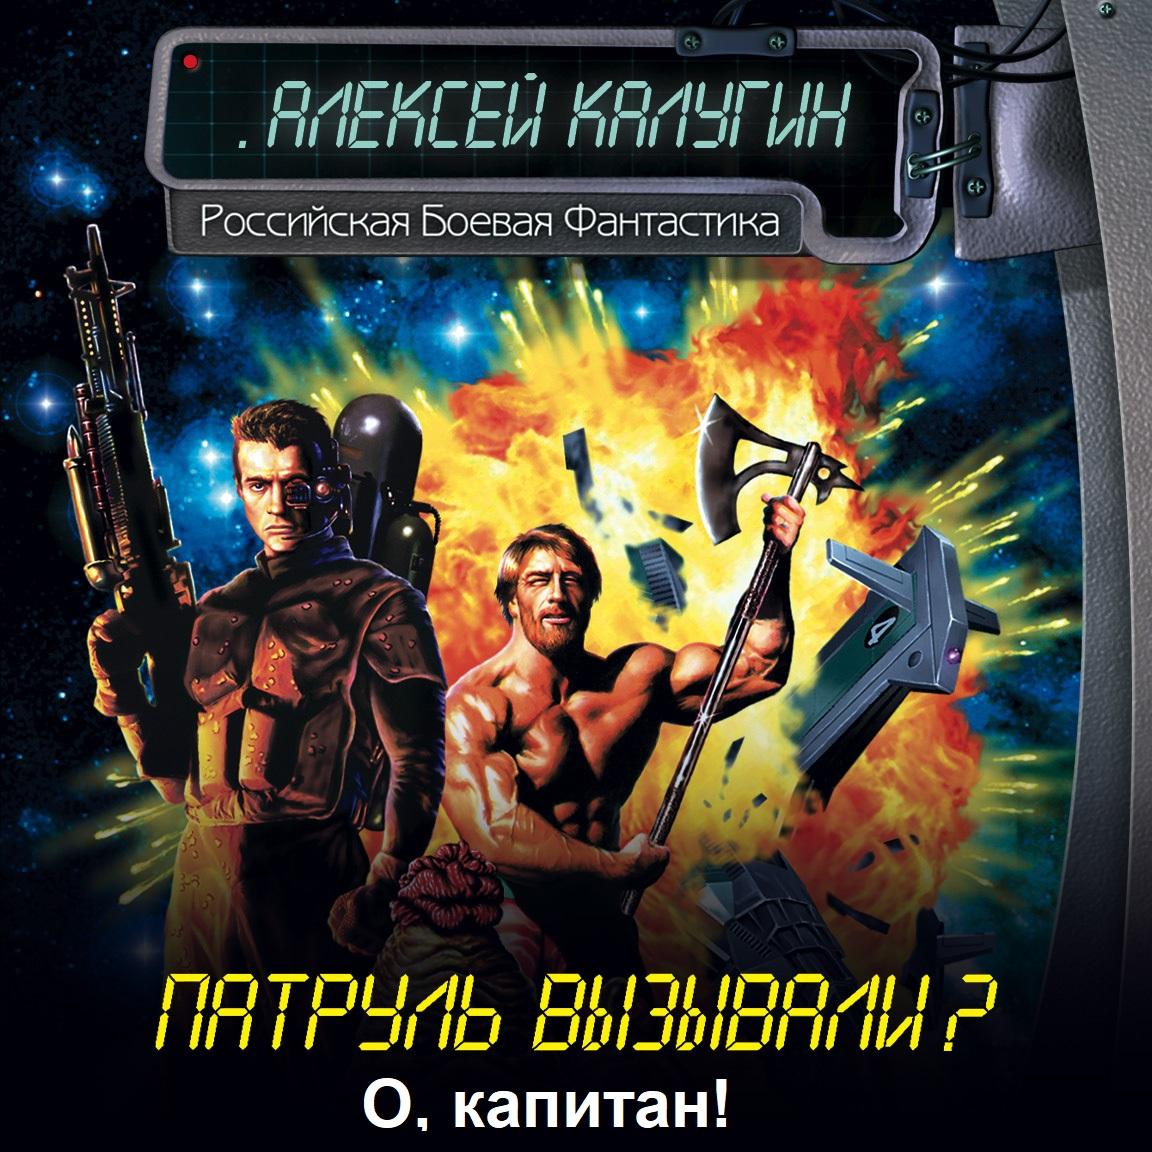 Купить книгу О, капитан!.., автора Алексея Калугина